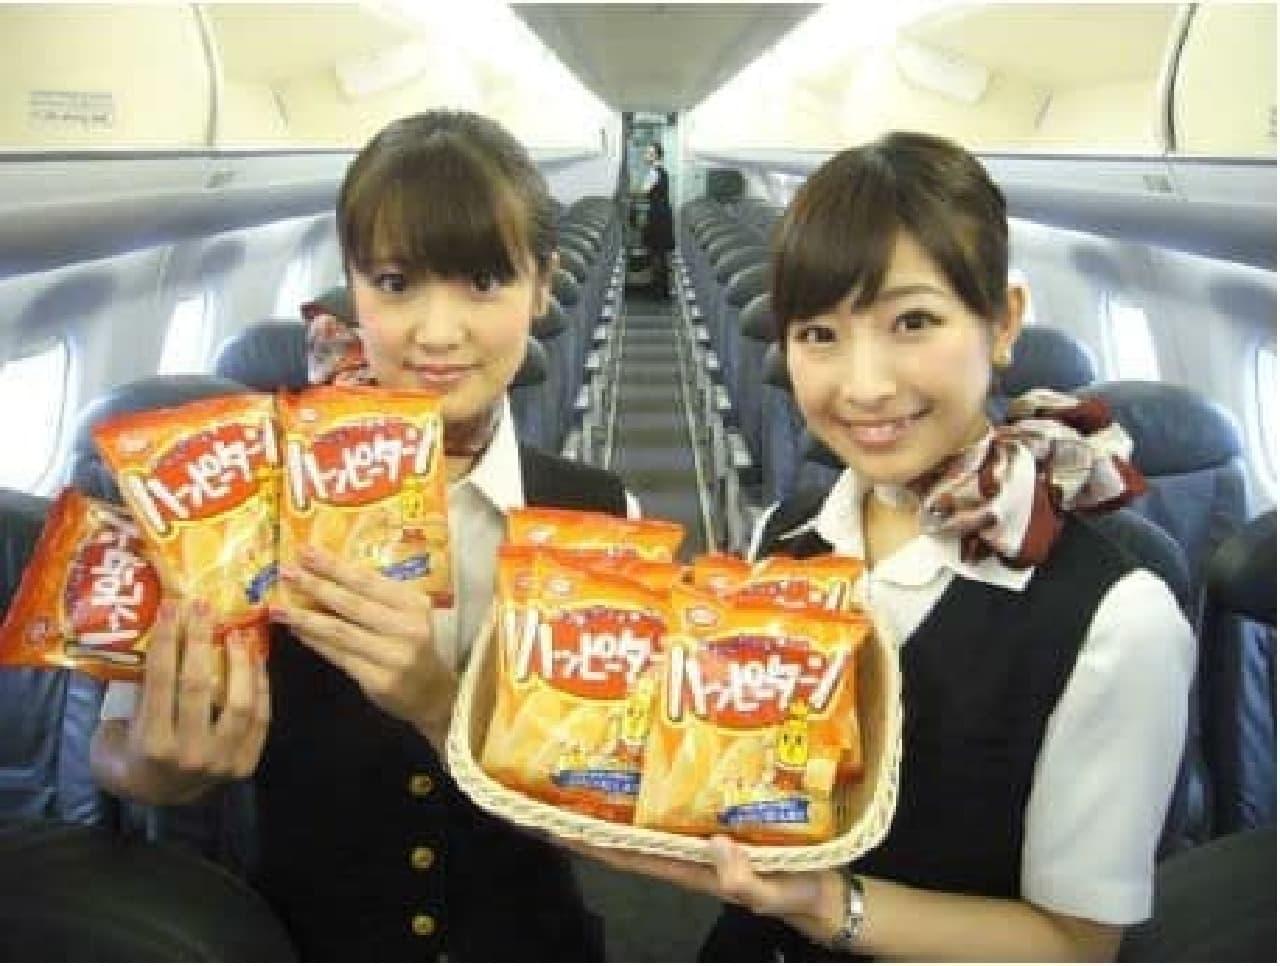 地元・新潟のハッピーターンをプレゼント!―新潟発着の JAL 便搭乗で11月20日まで